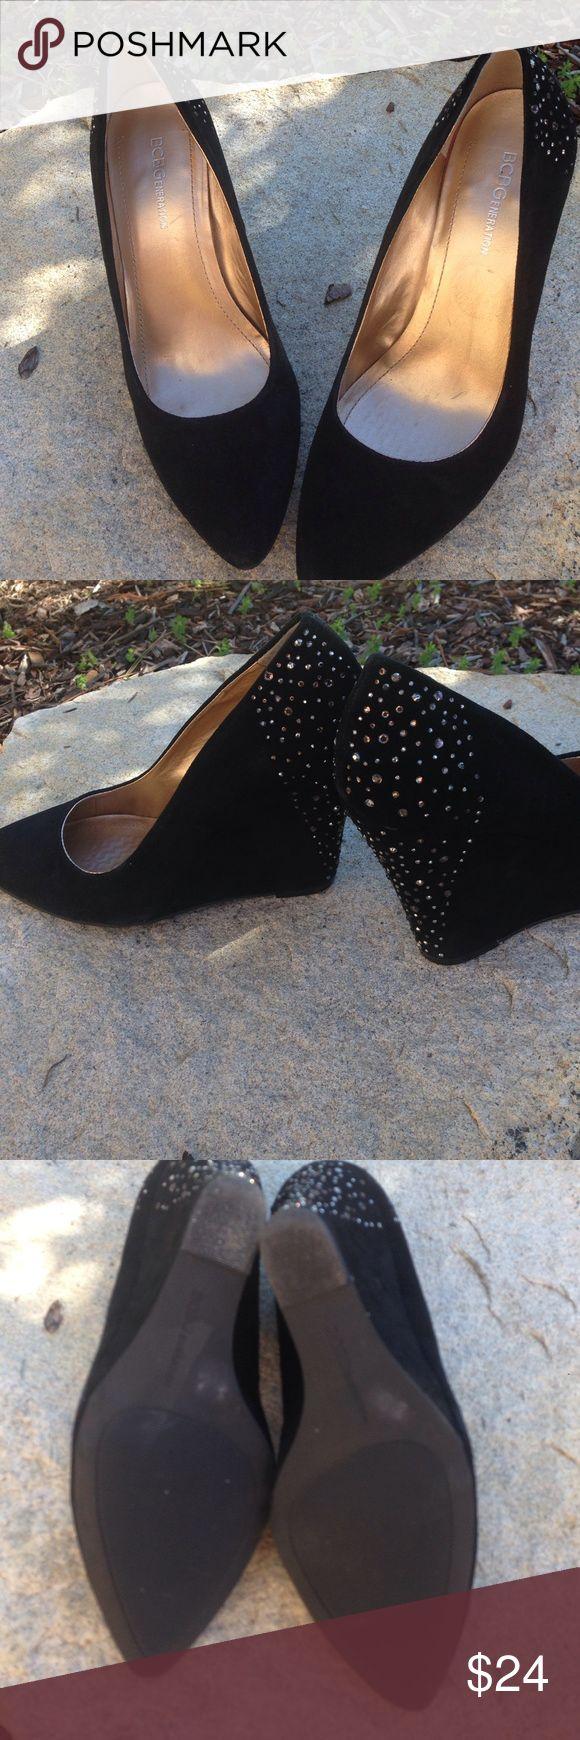 BCBGeneration Black Suede Wedges BCBGeneration black suede wedges with rhinestones on heels. Size 8B. Pre-loved. Minimal wear. BCBGeneration Shoes Wedges